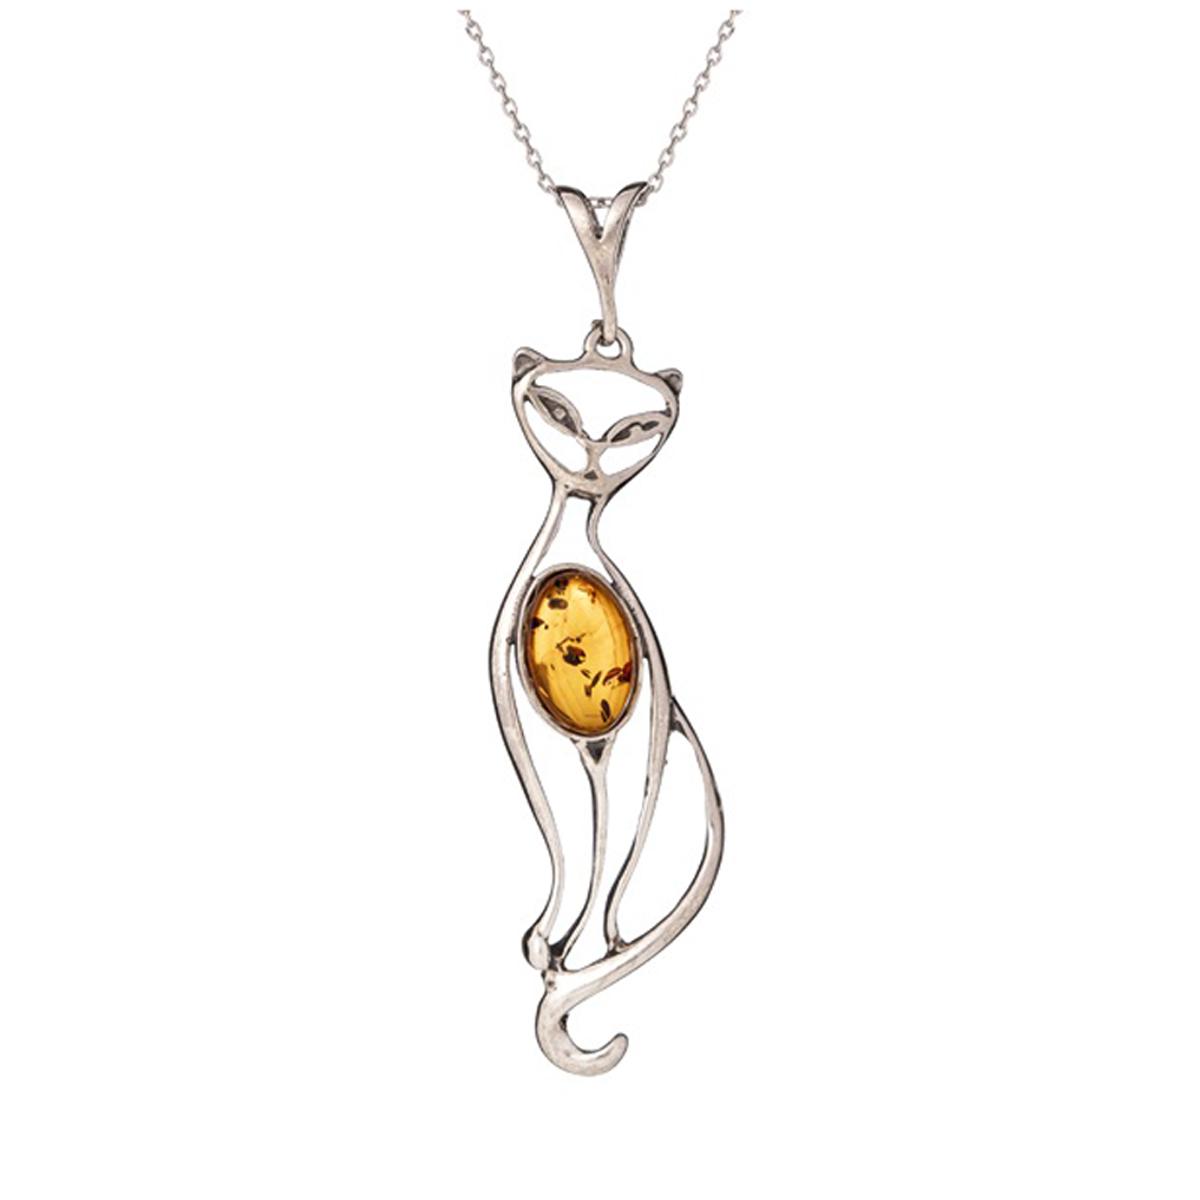 Pendentif Argent \'Chat Inspiration\' ambre argenté (rhodié) - 55x15 mm - [R3825]